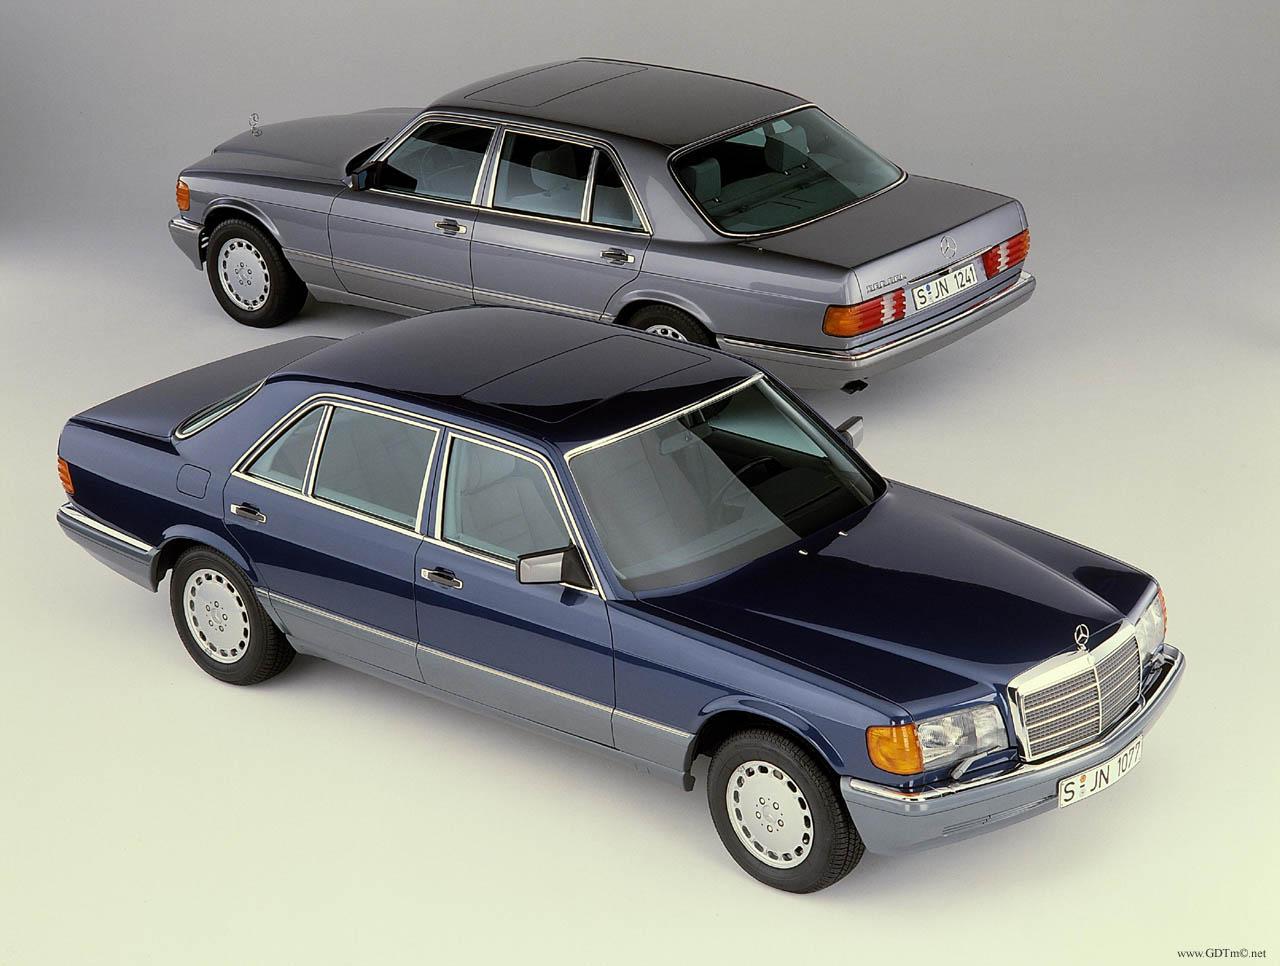 Re: Classic Mercedes-Benz